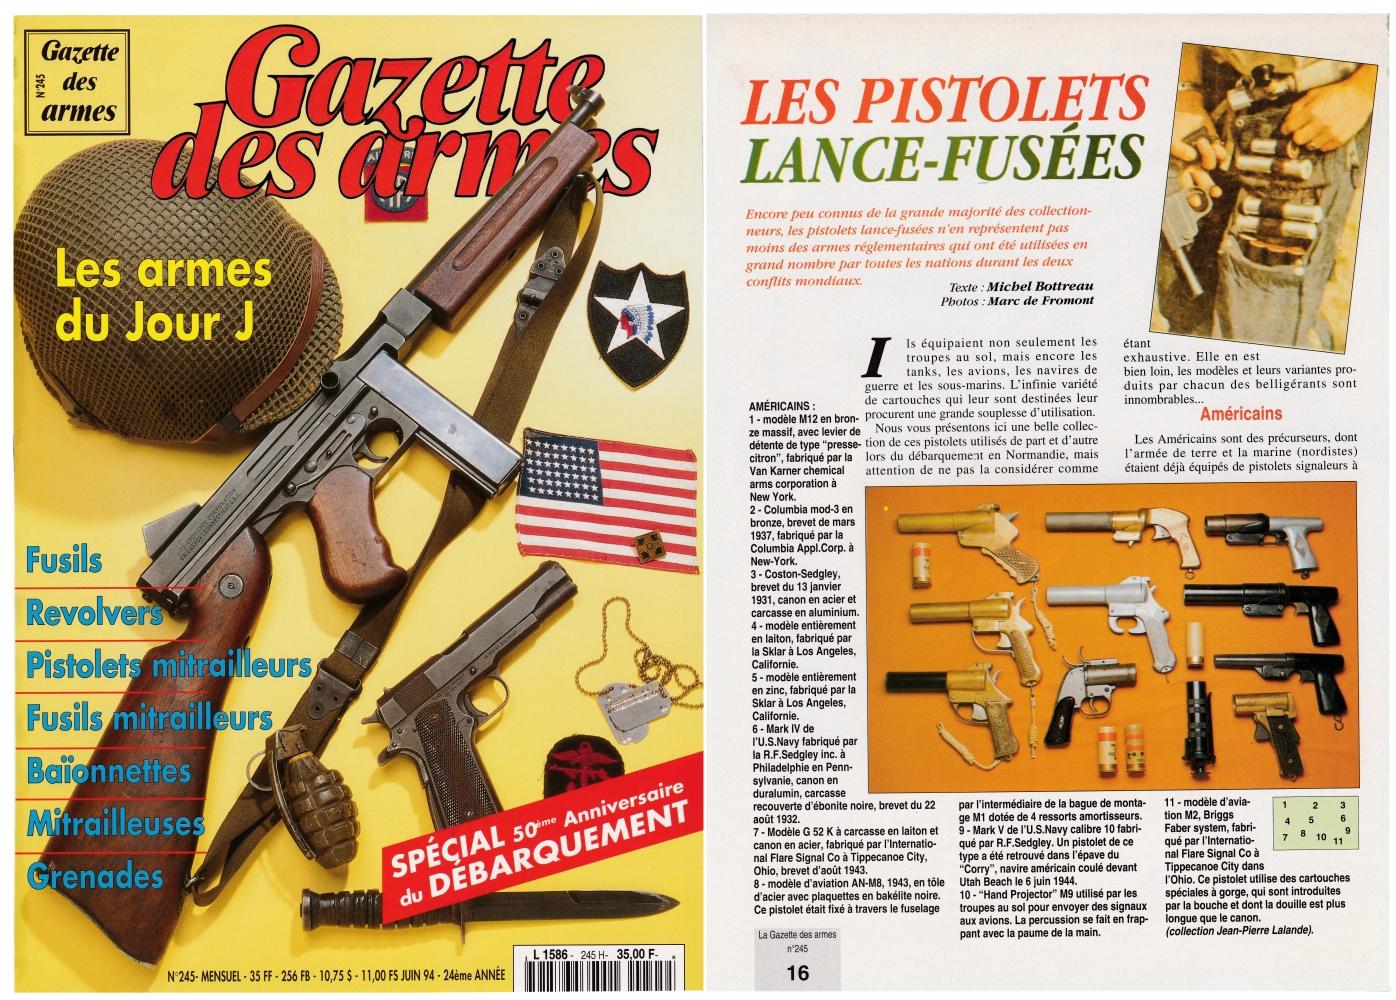 Les pistolets lance-fusées de la Deuxième Guerre mondiale ont fait l'objet d'une publication sur 3 pages dans le magazine Gazette des Armes n°245 (juin 1994).